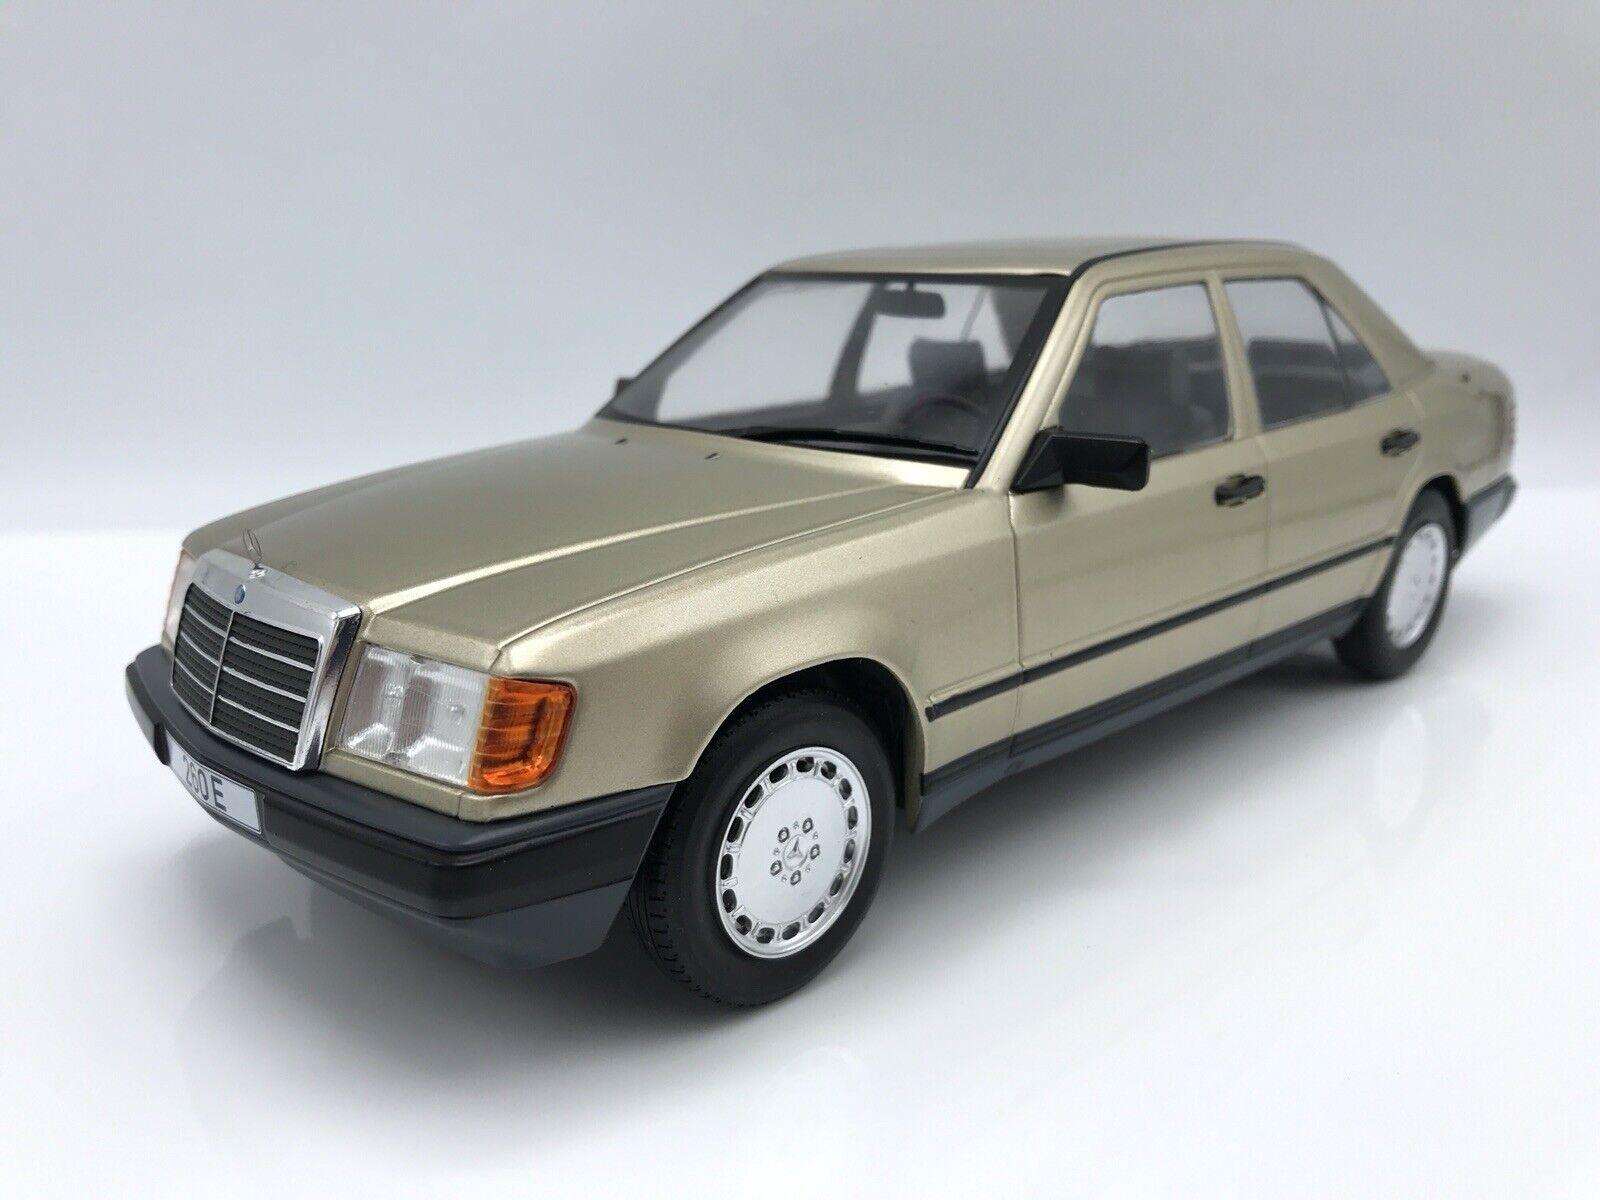 Mercedes Benz 260 E W124 1984 met. - Light Brown 1 18 MCG 18098  NEW